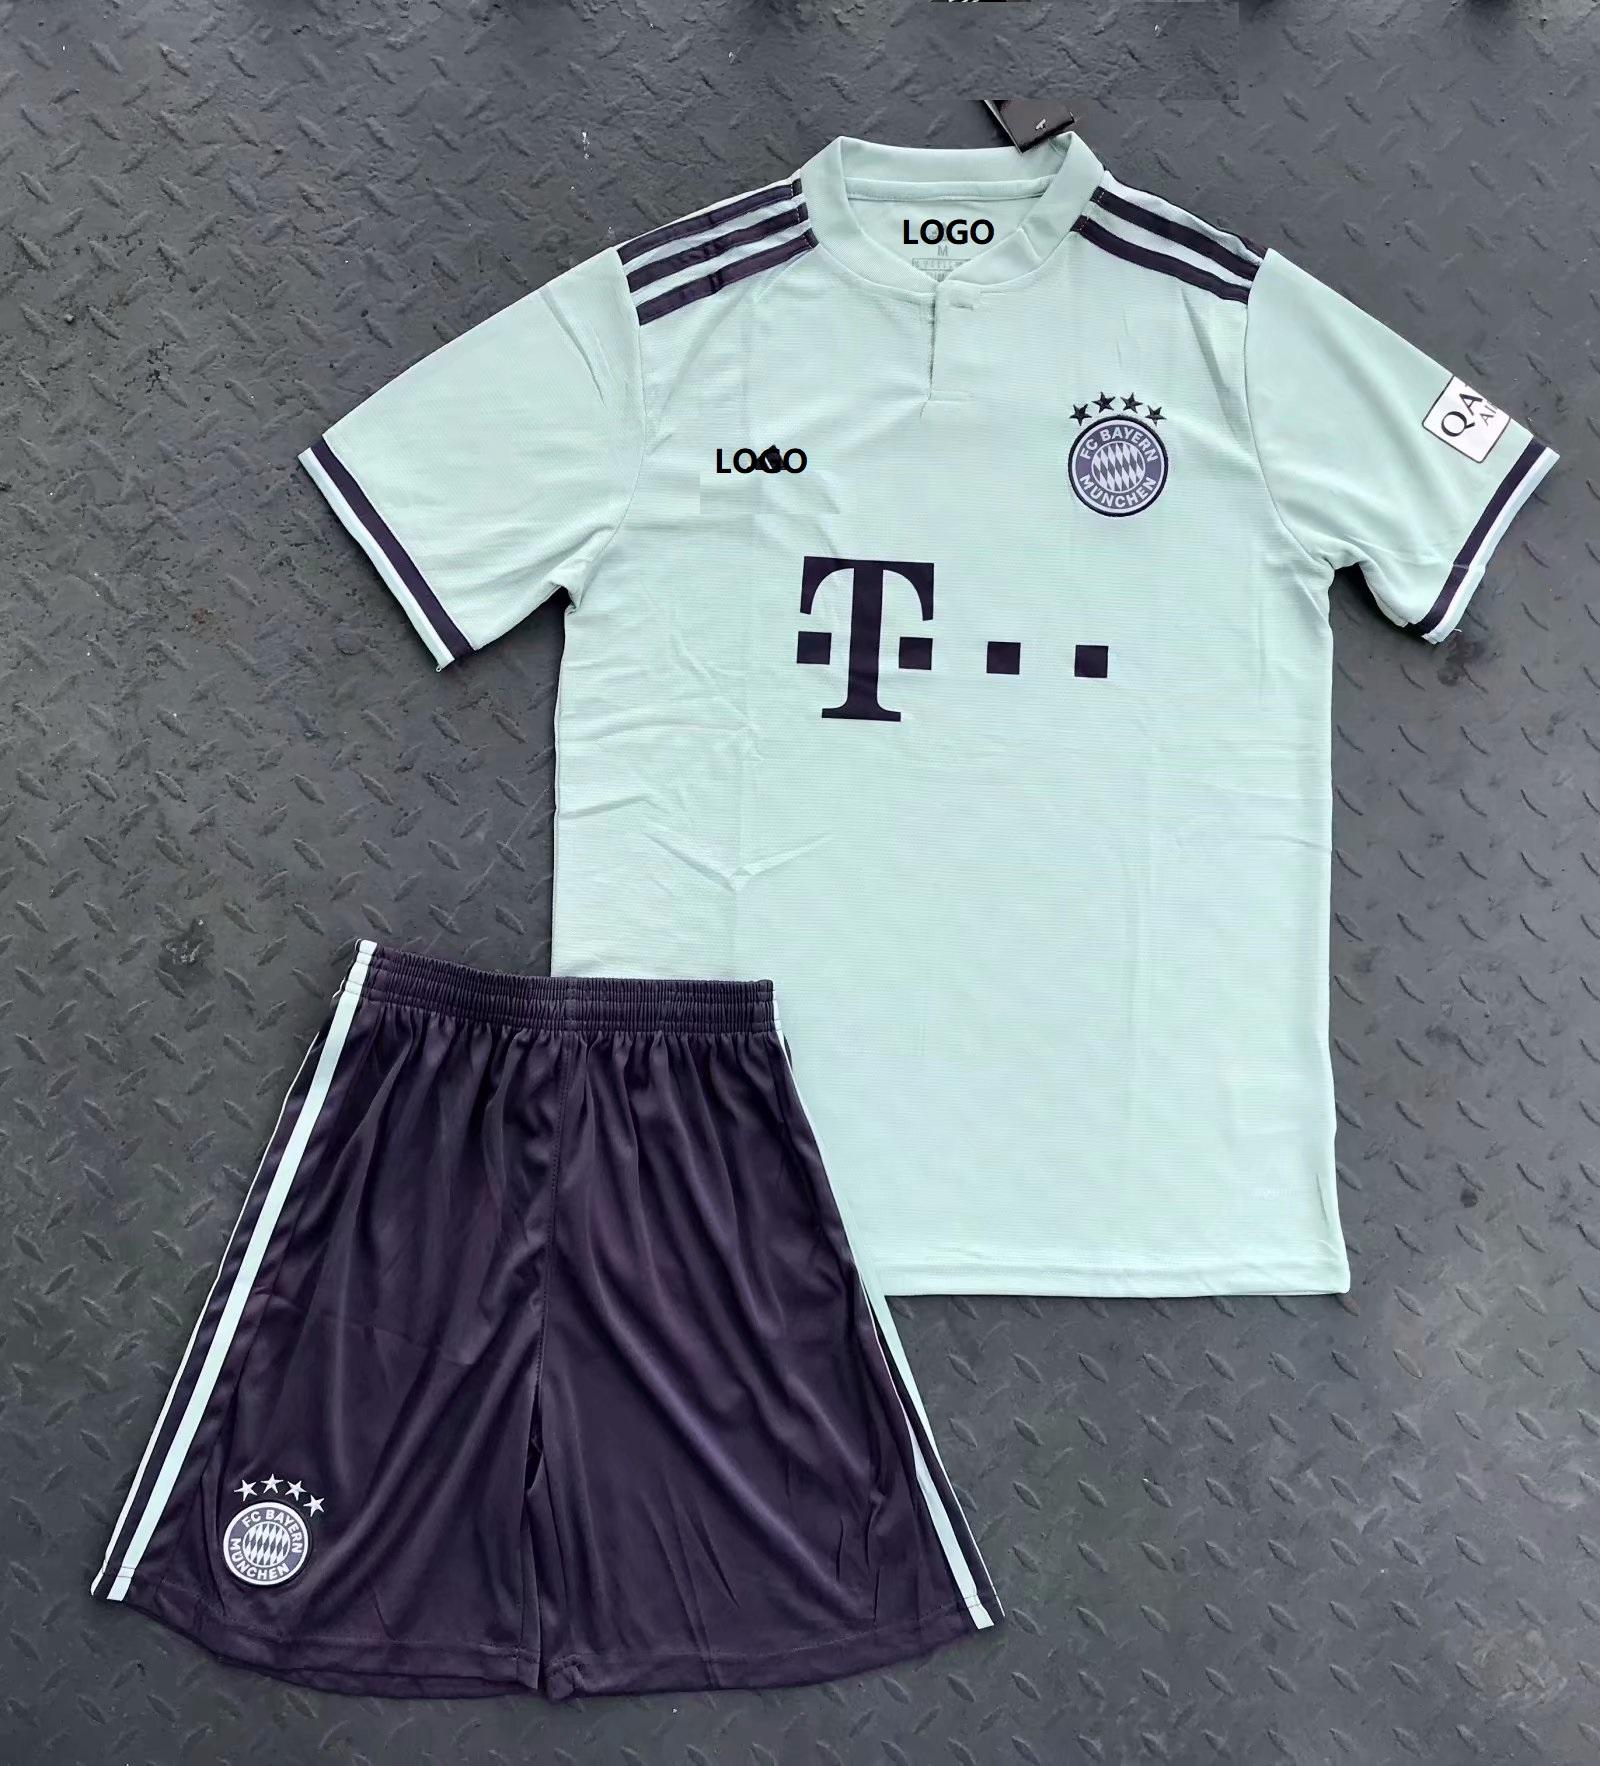 843e717624d 2018 19 Bayren Away Soccer Uniform Men Football Kits DIY Custom Soccer Team  Kit